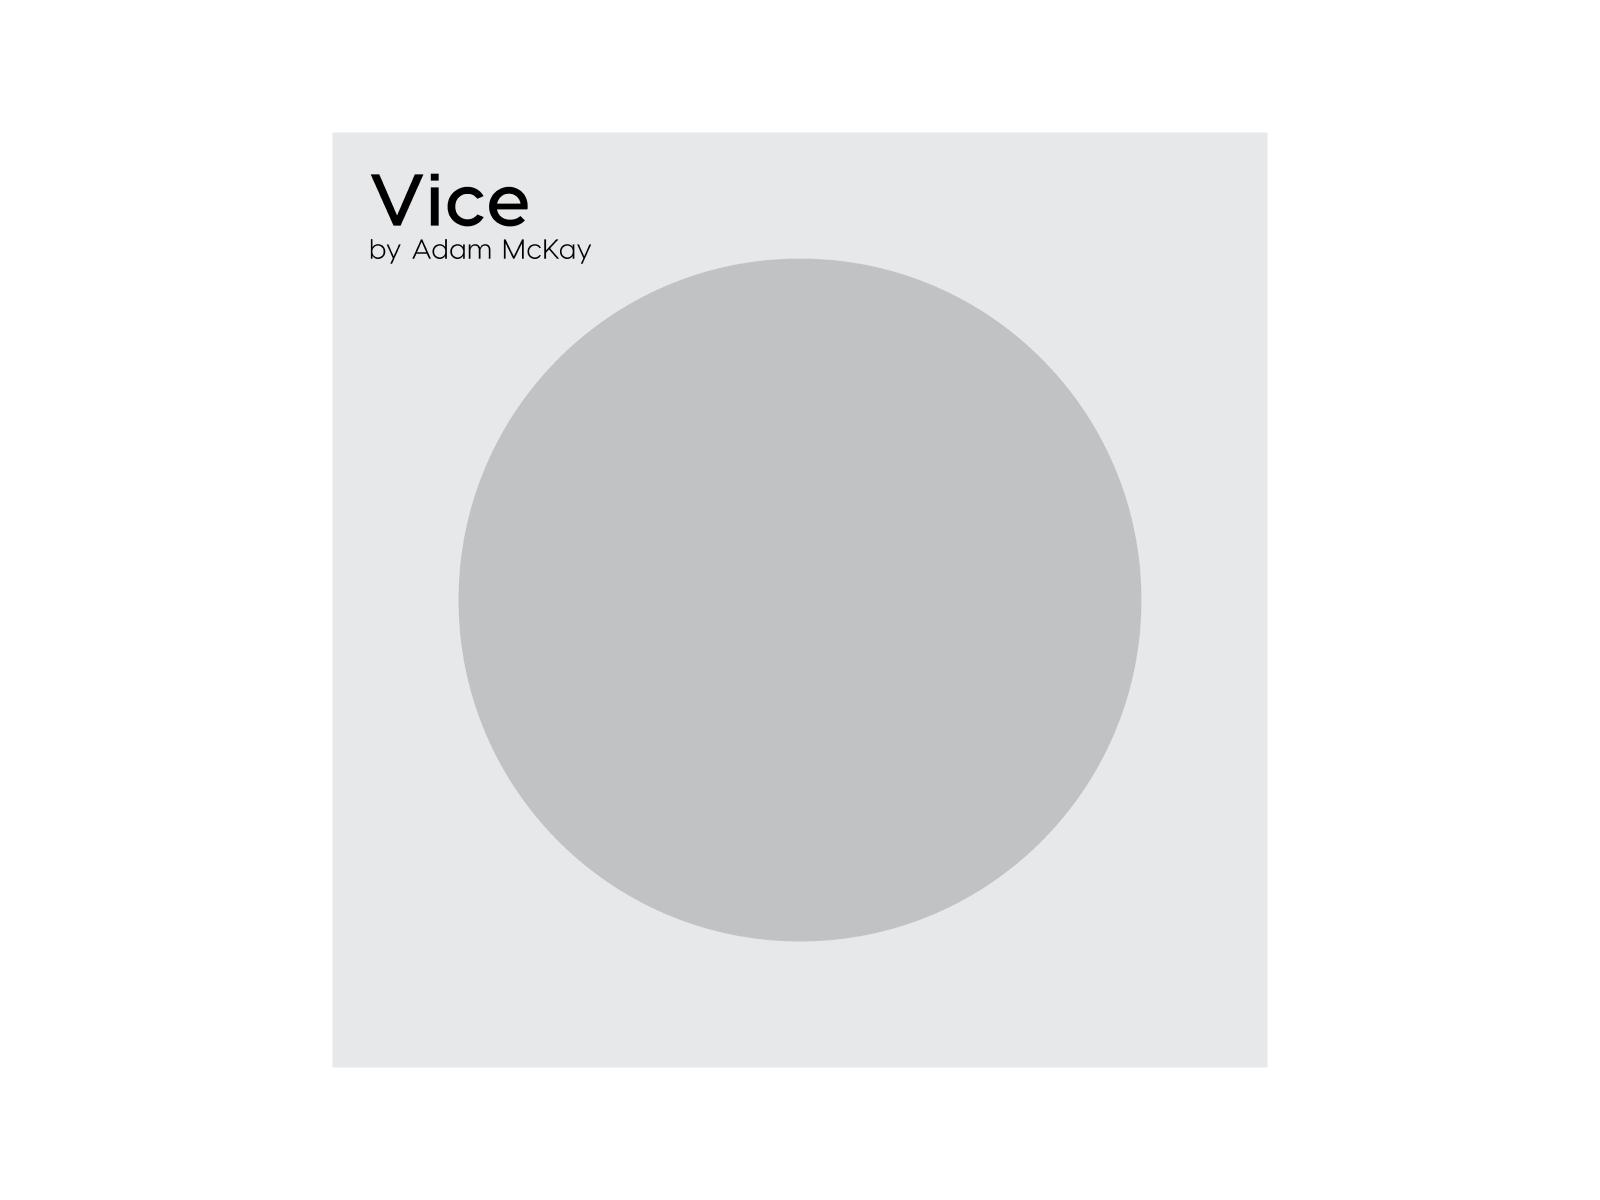 Vice dribble